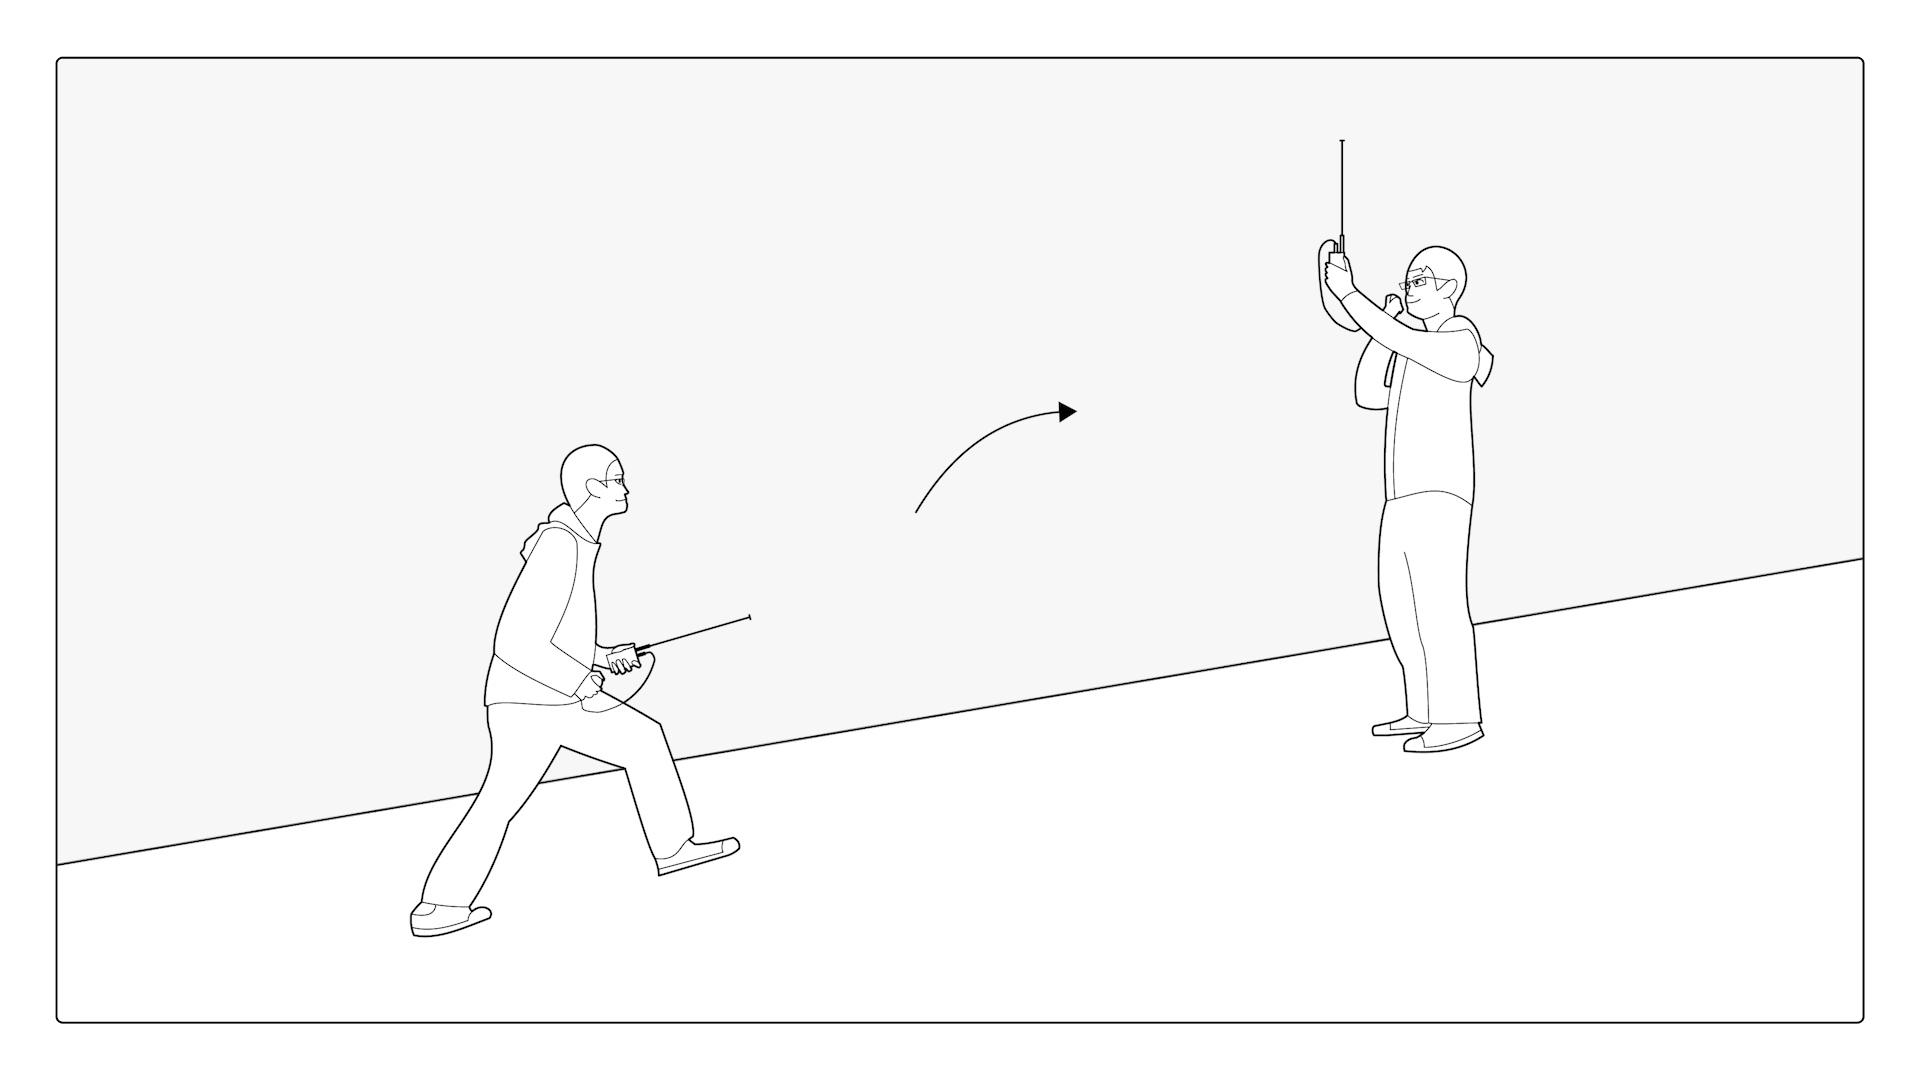 無線を人々に分かりやすく伝えるためのデザインの研究